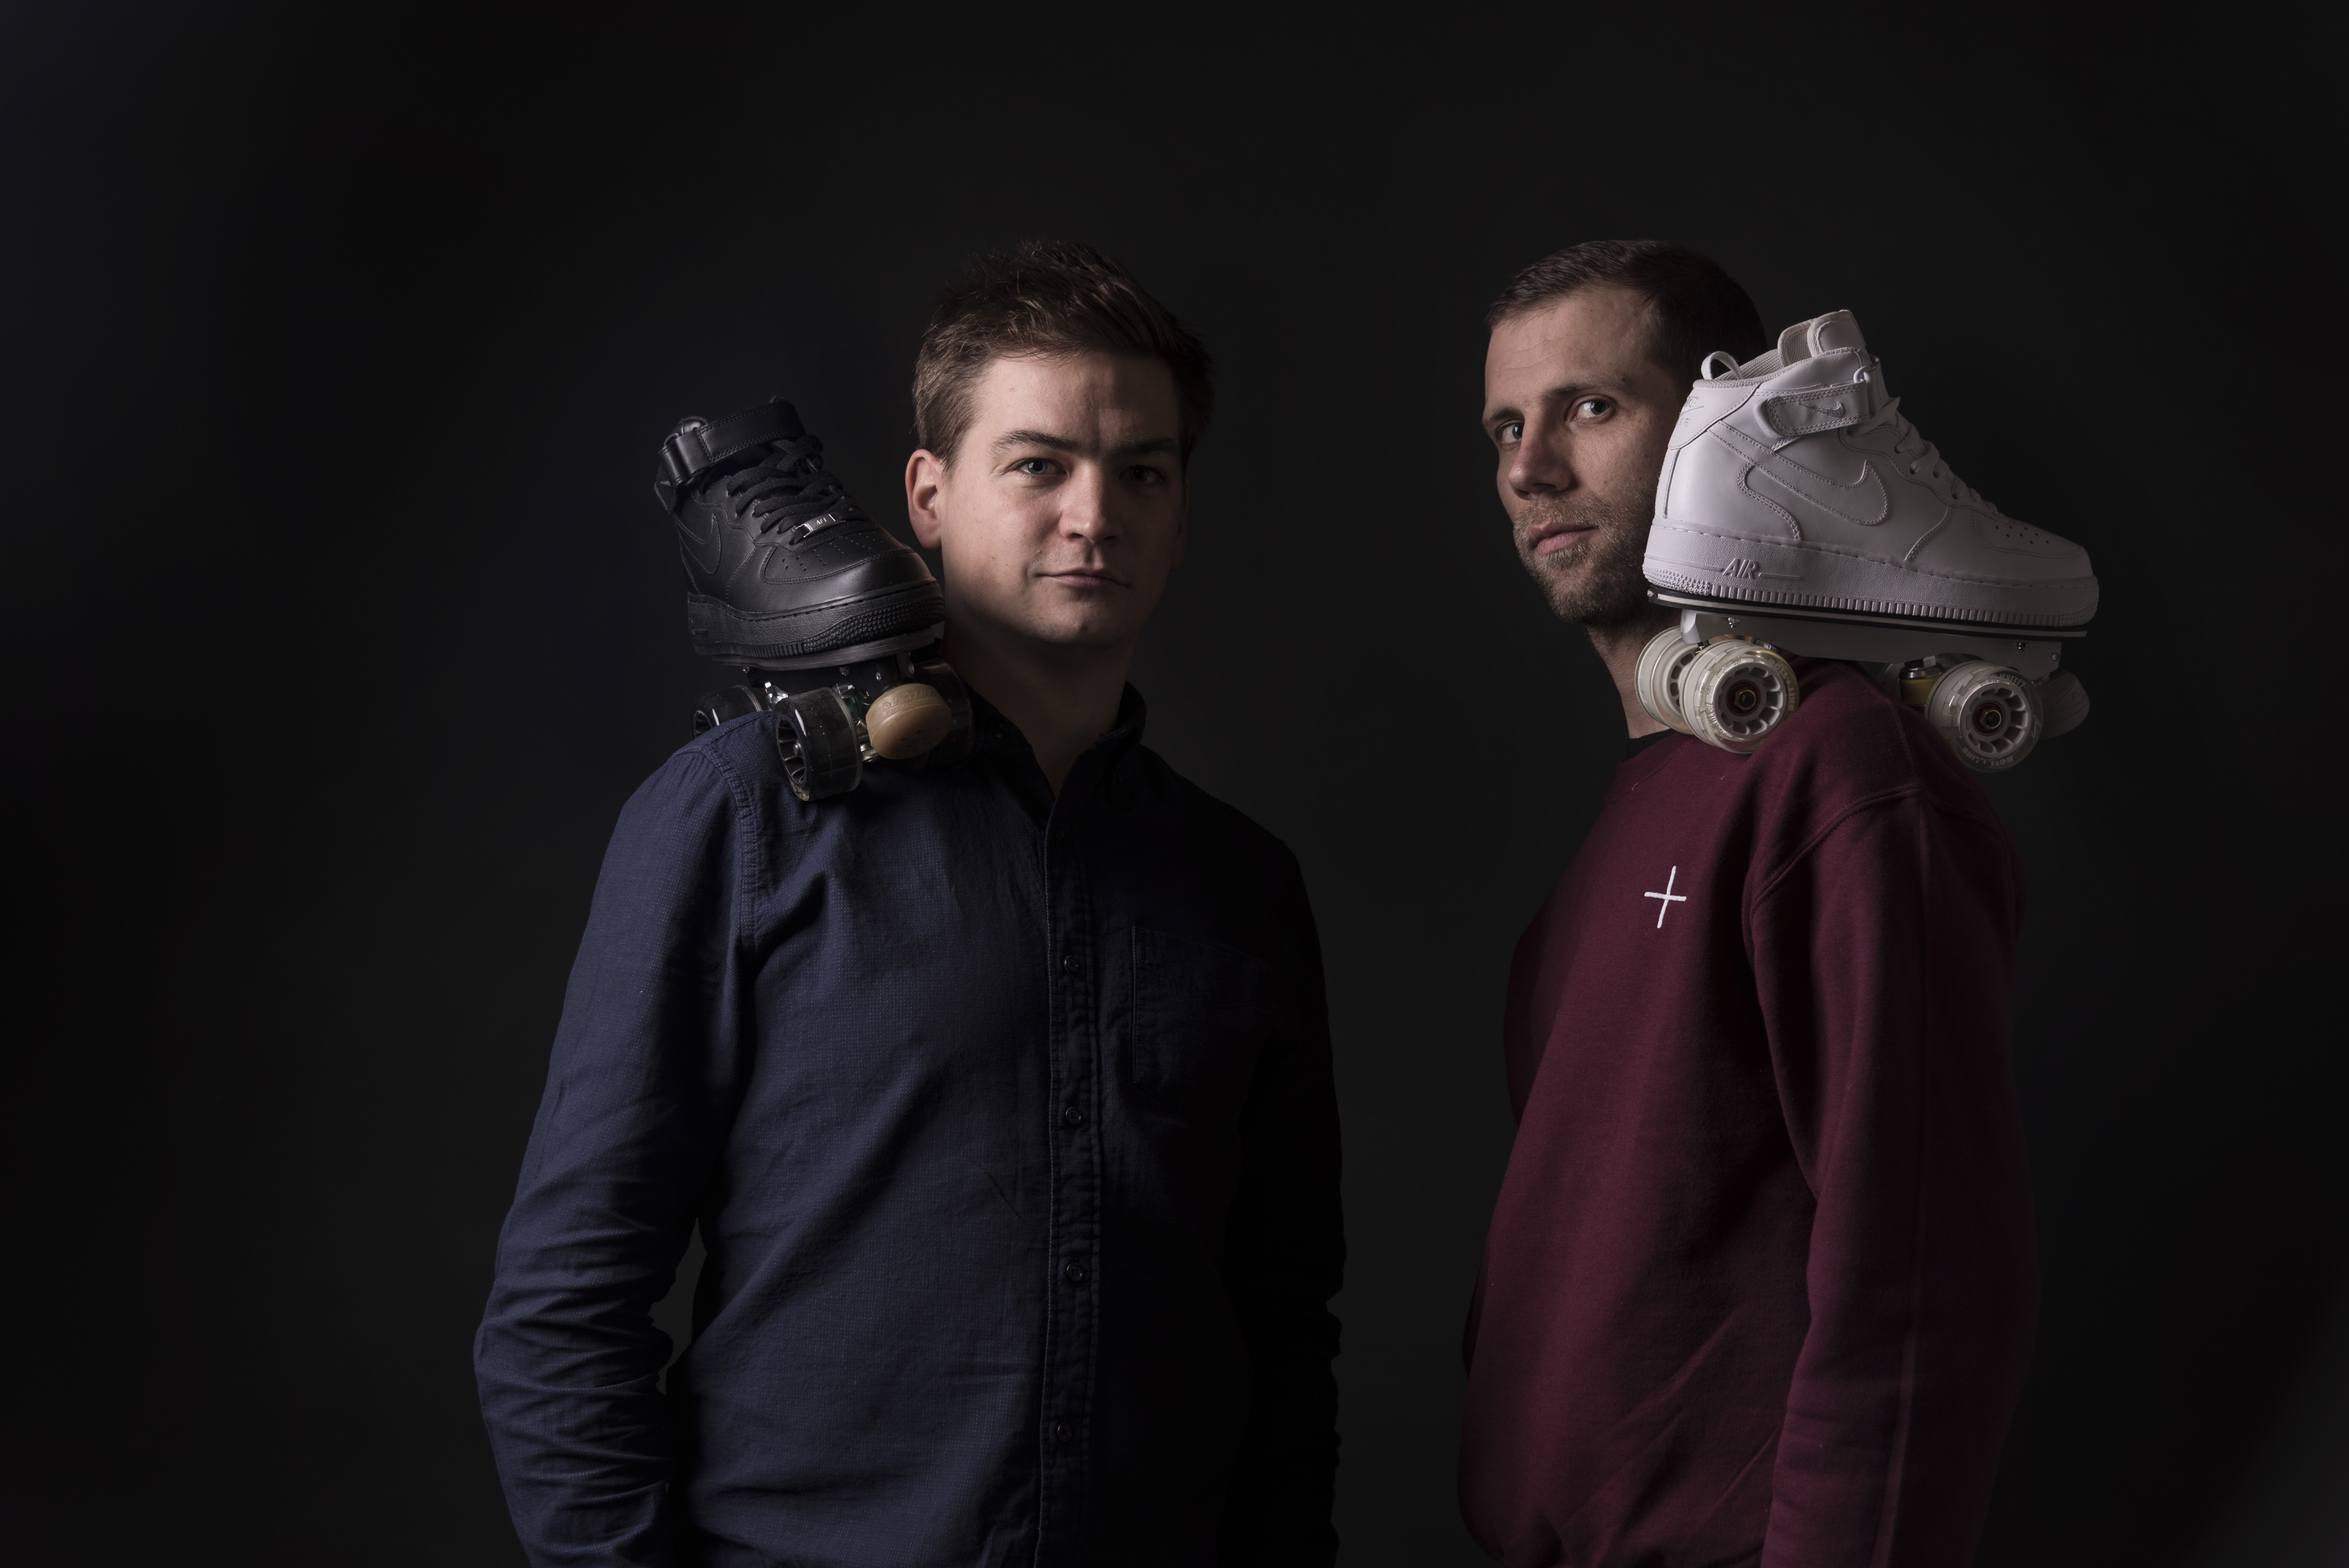 Co-fondateurs de Flaneurz : Florian et Arnaud